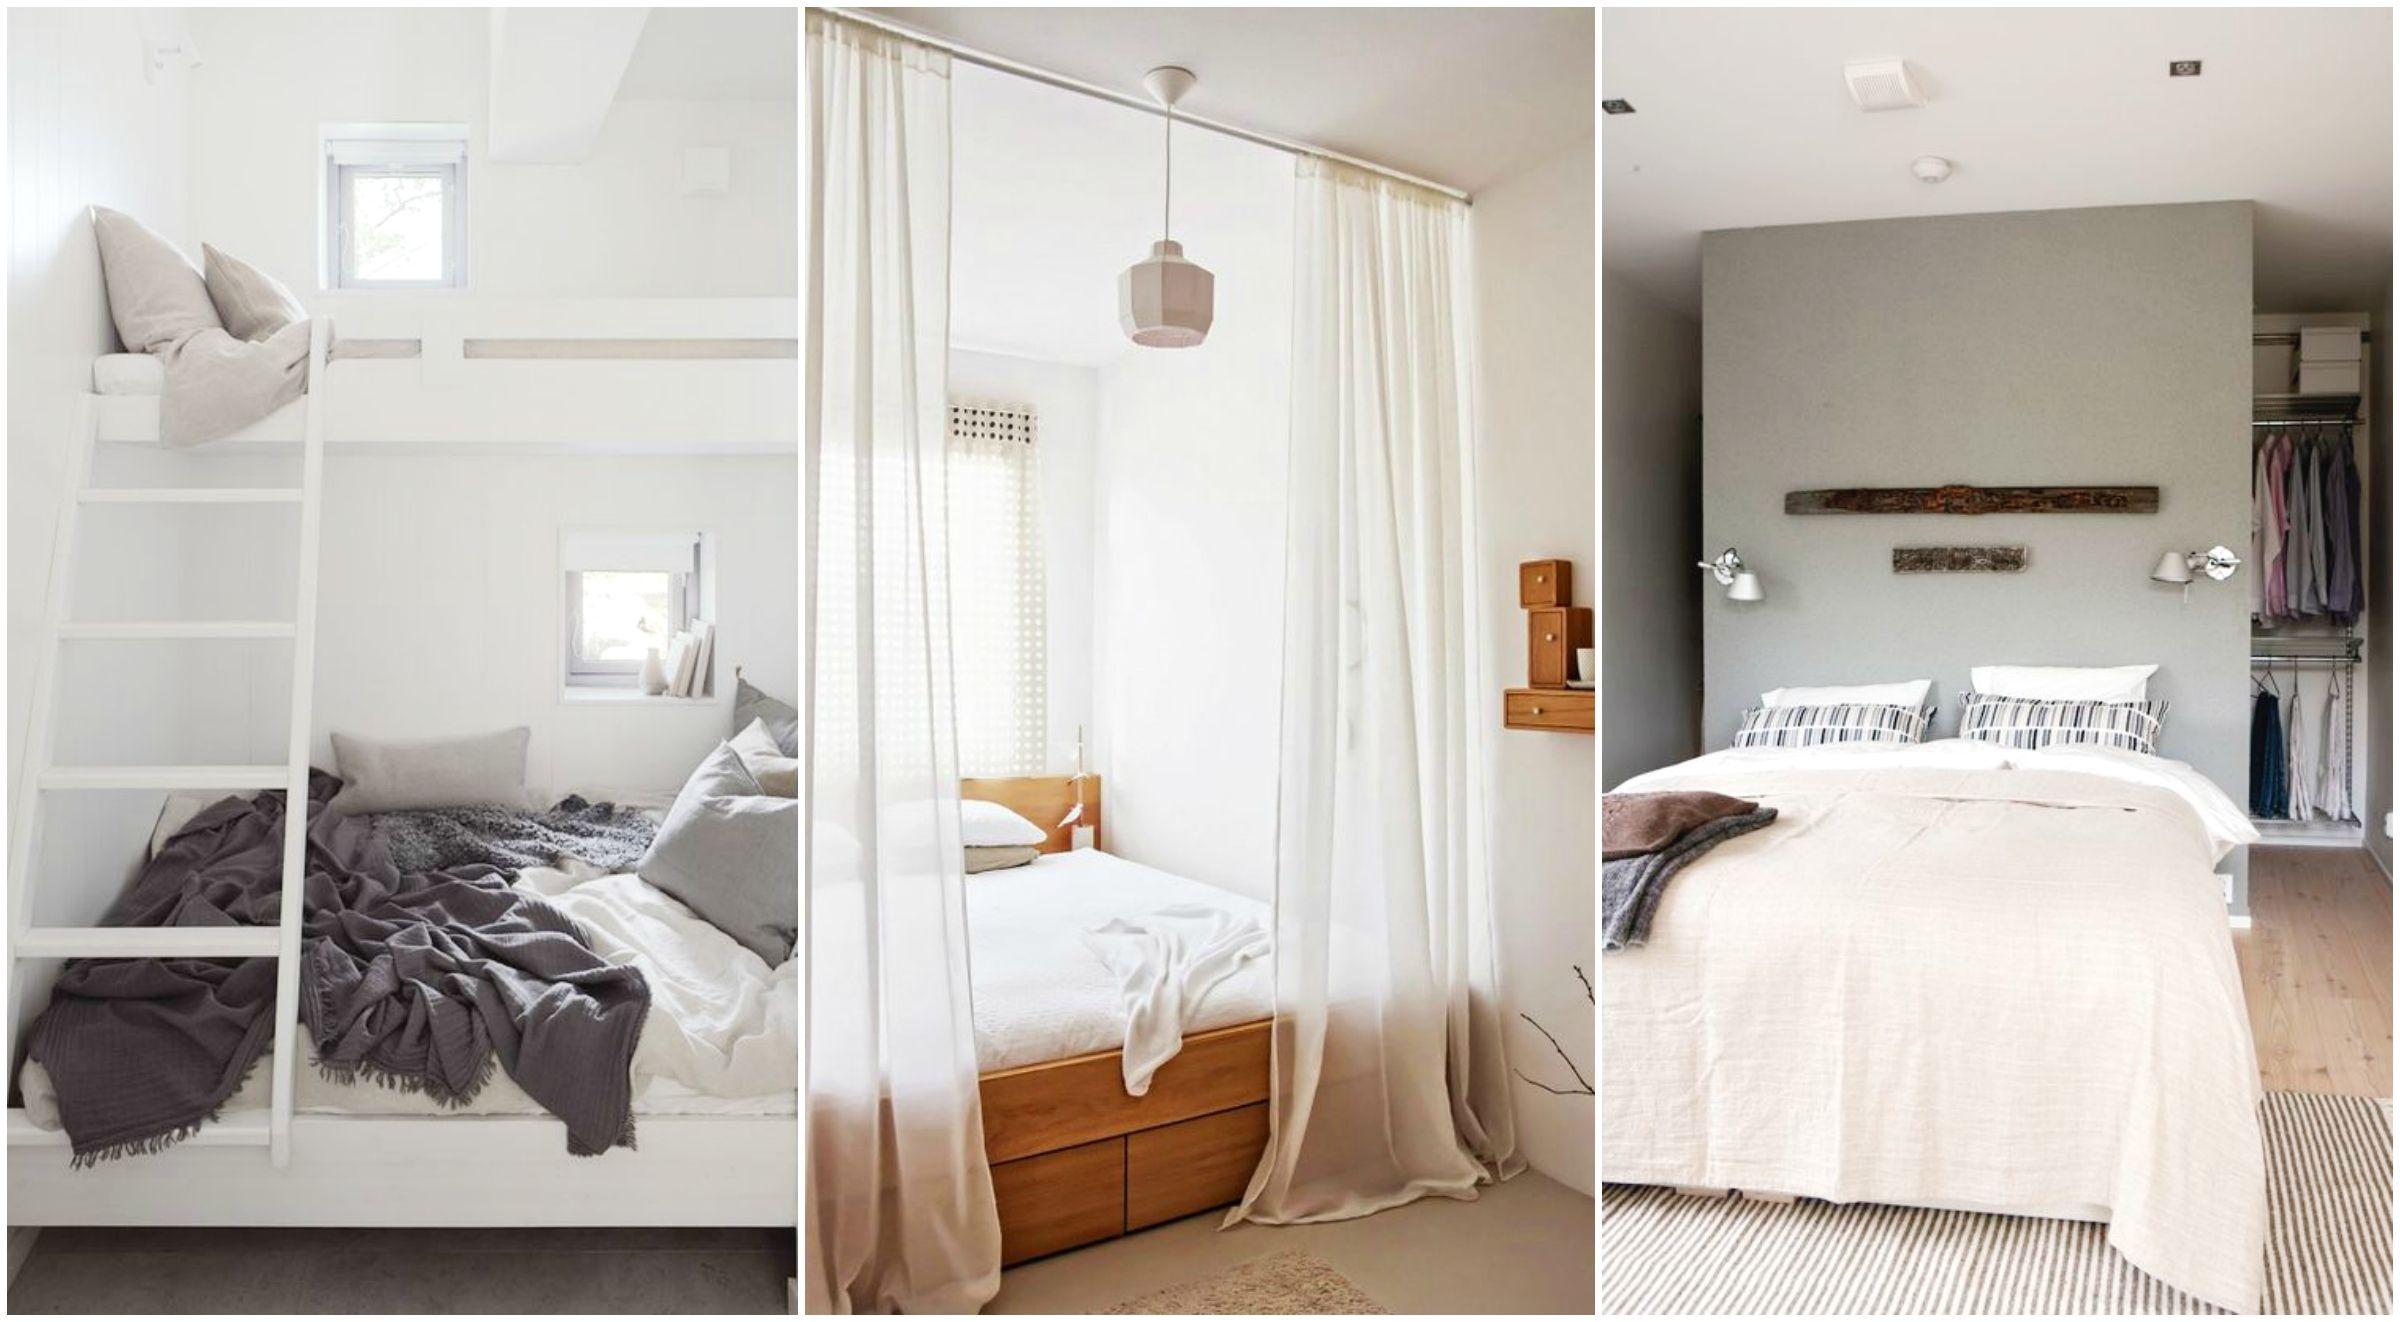 Idee per camere da letto piccole design for Camere da letto piccole